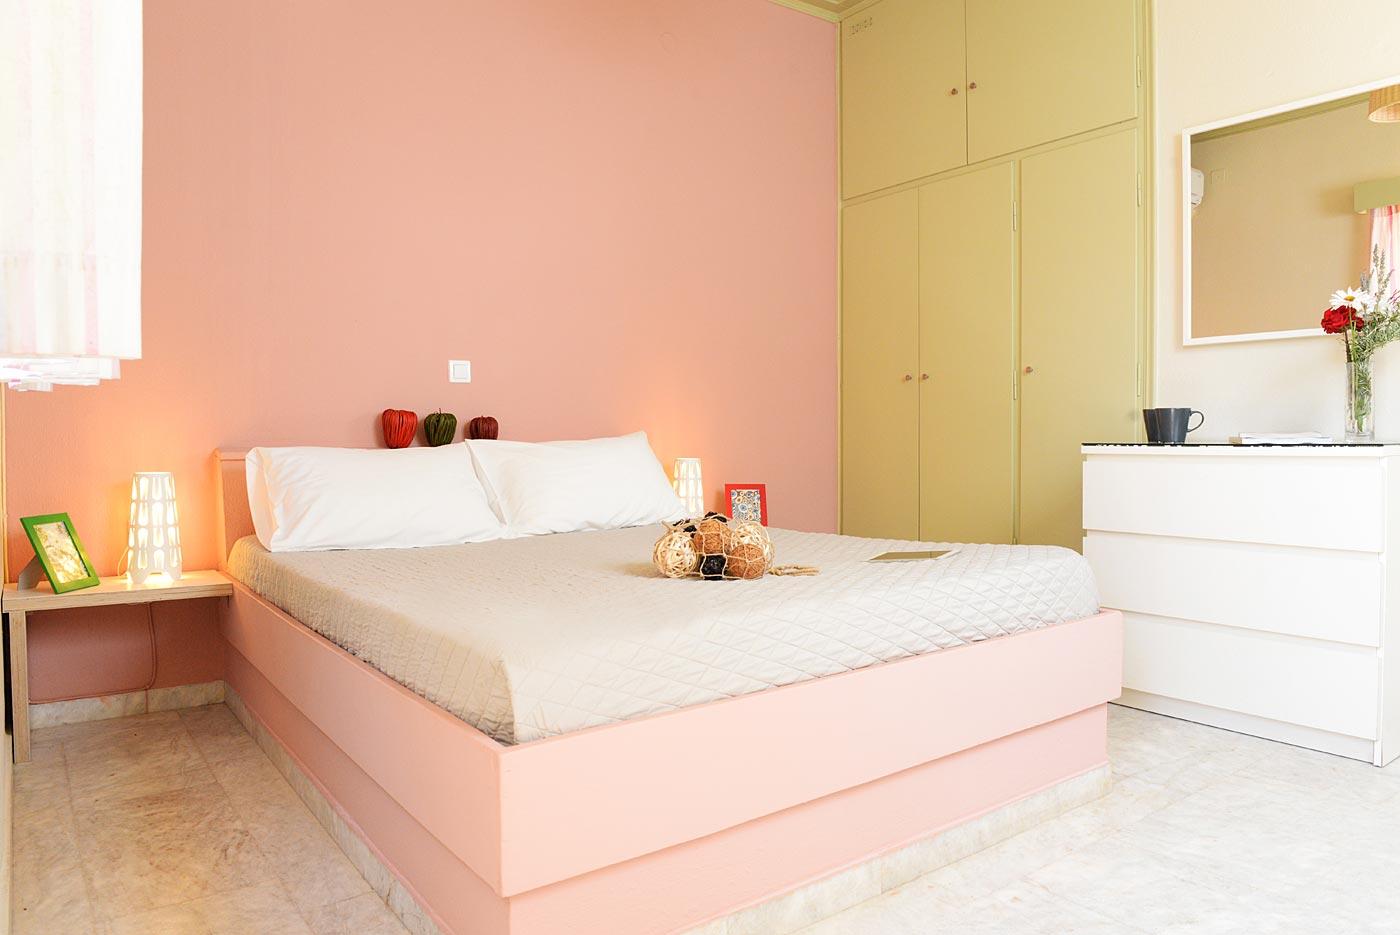 Υπνοδωμάτιο, κρεβάτι